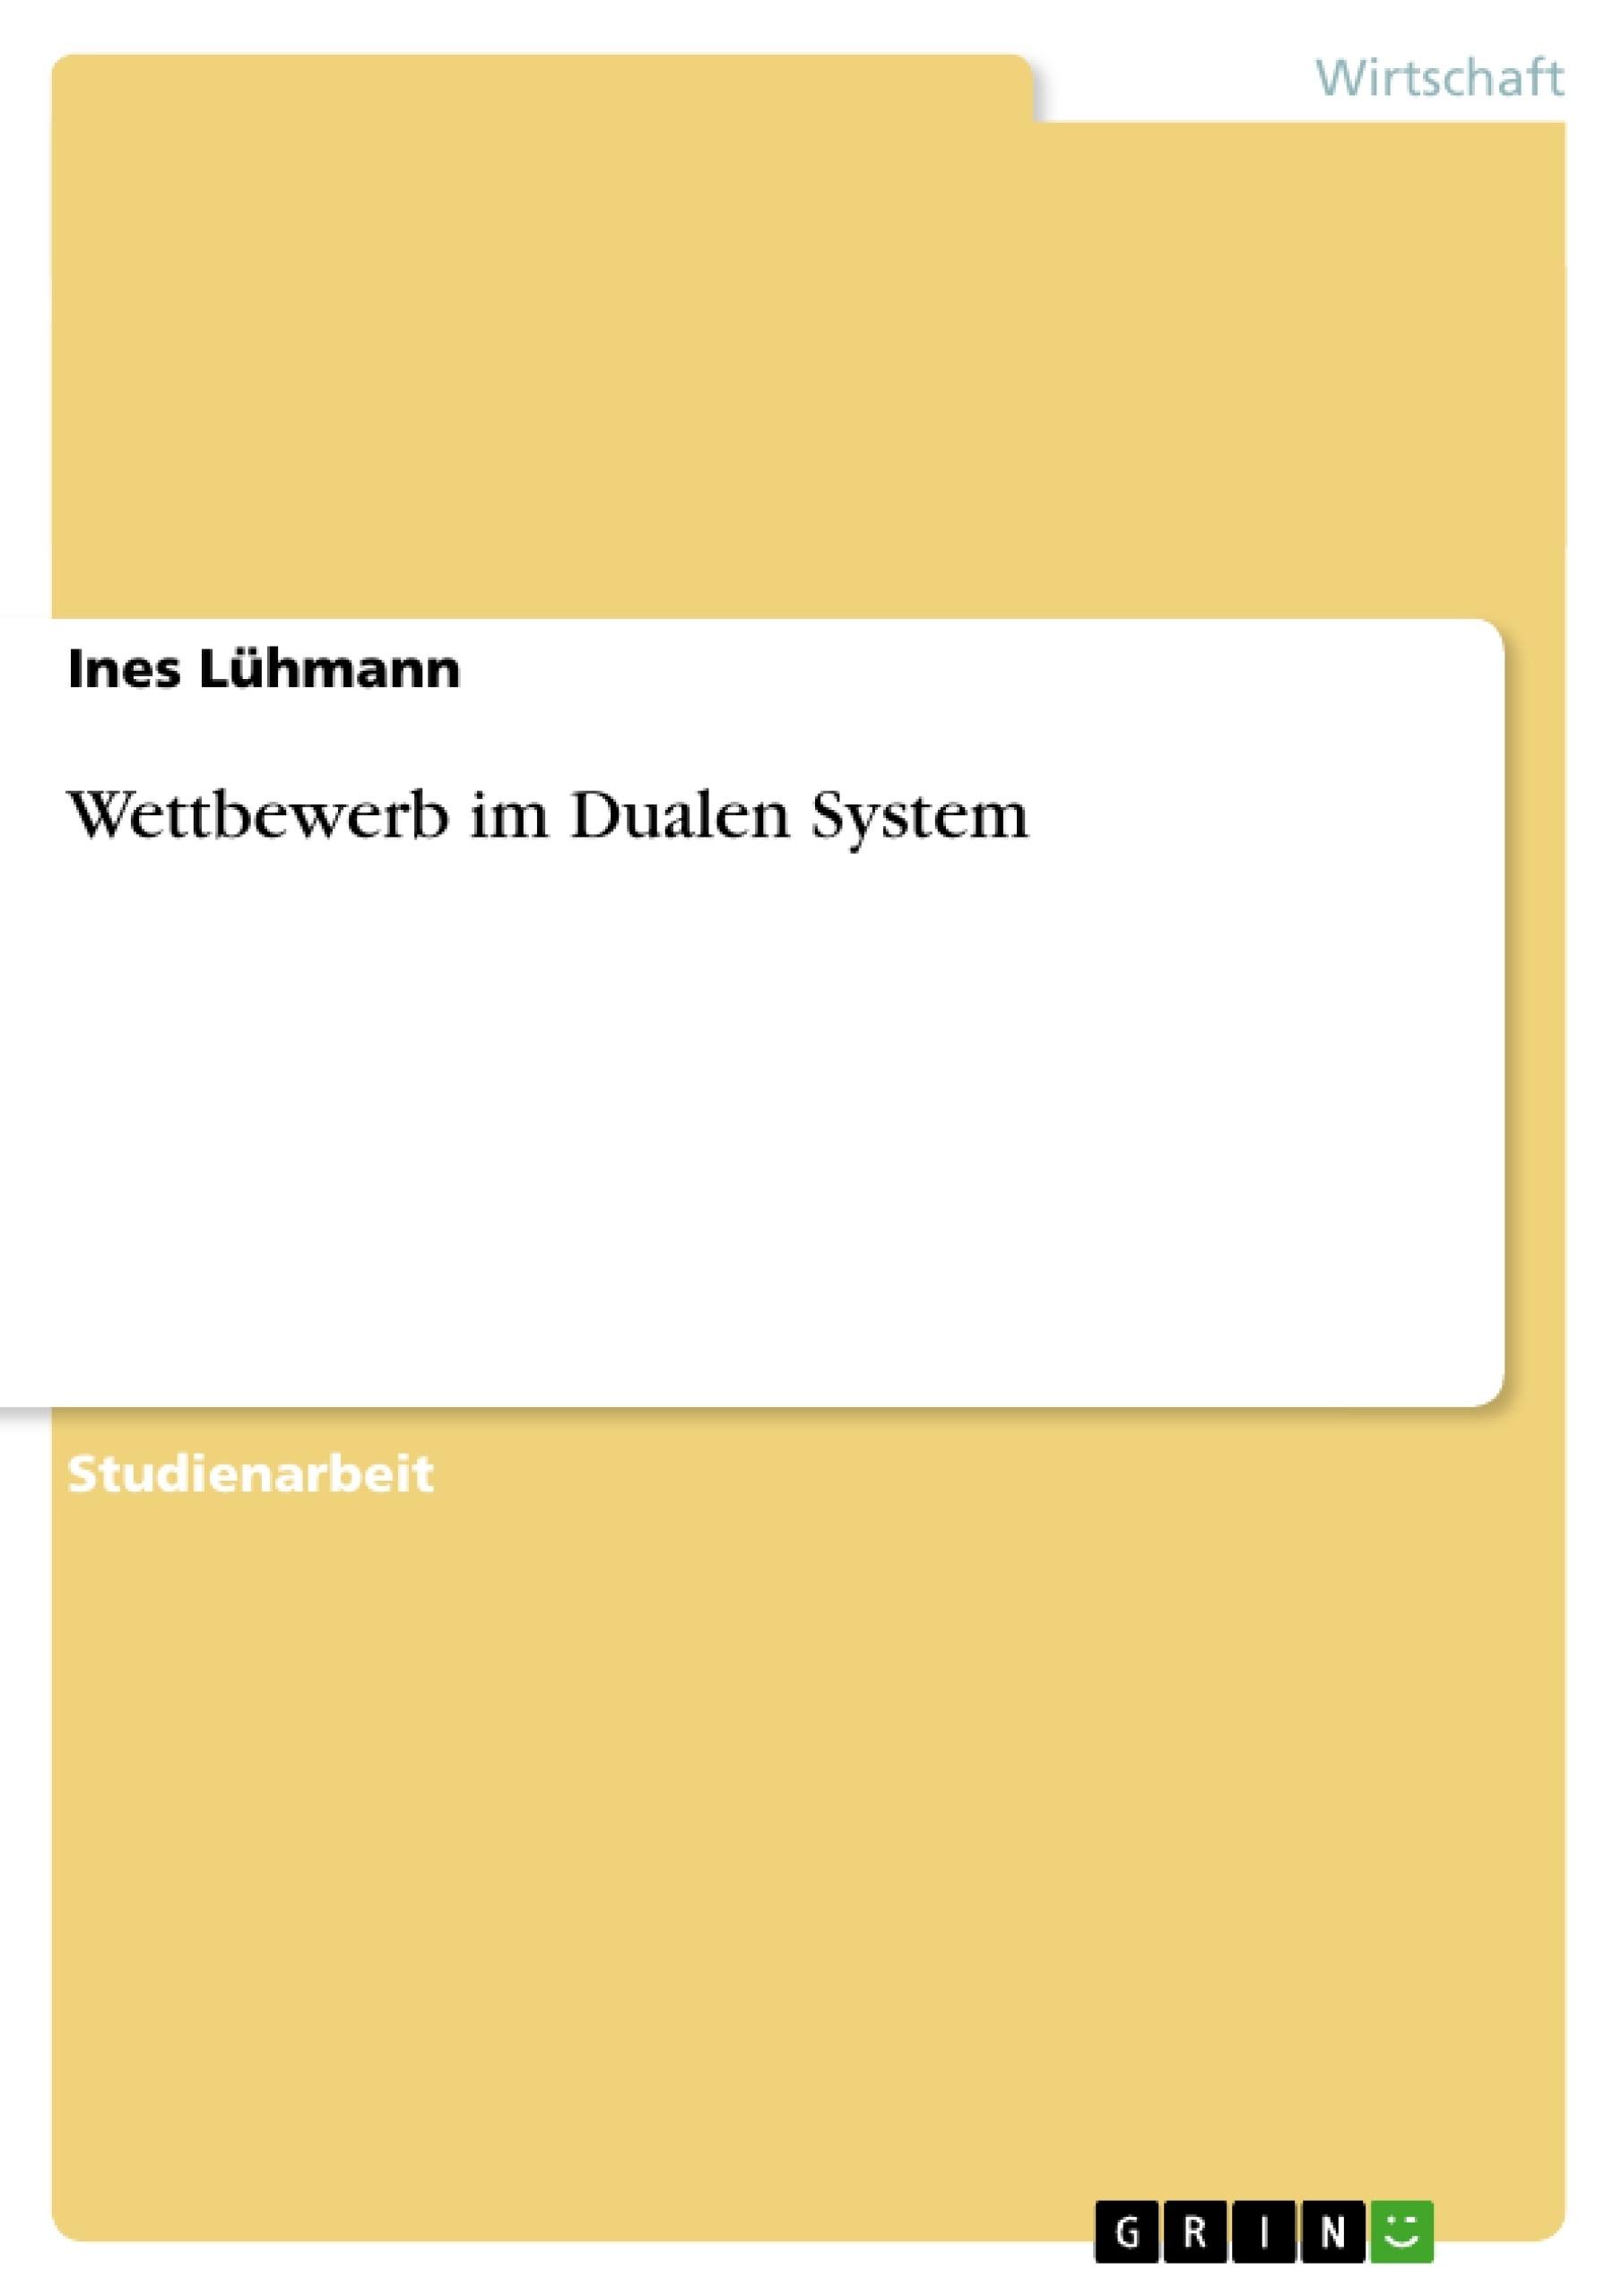 Titel: Wettbewerb im Dualen System